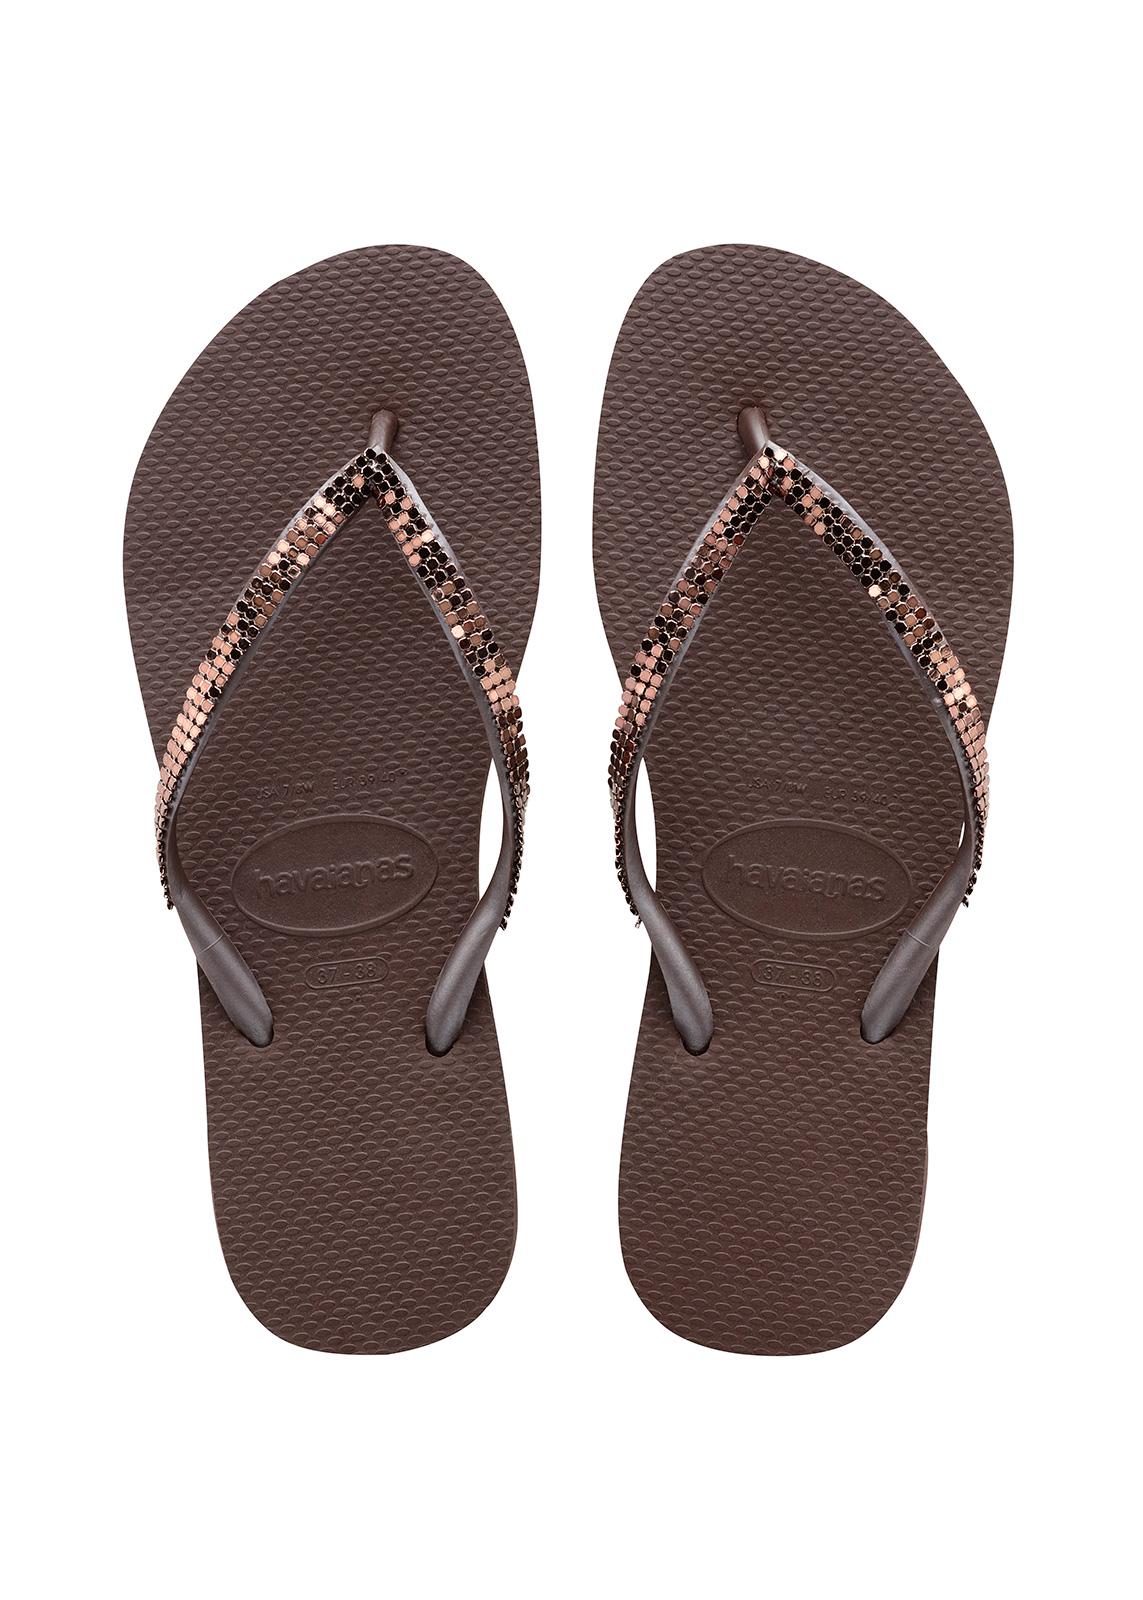 Flip-Flops Flip-Flops - Havaianas Slim Metal Mesh Dark Brown-3587